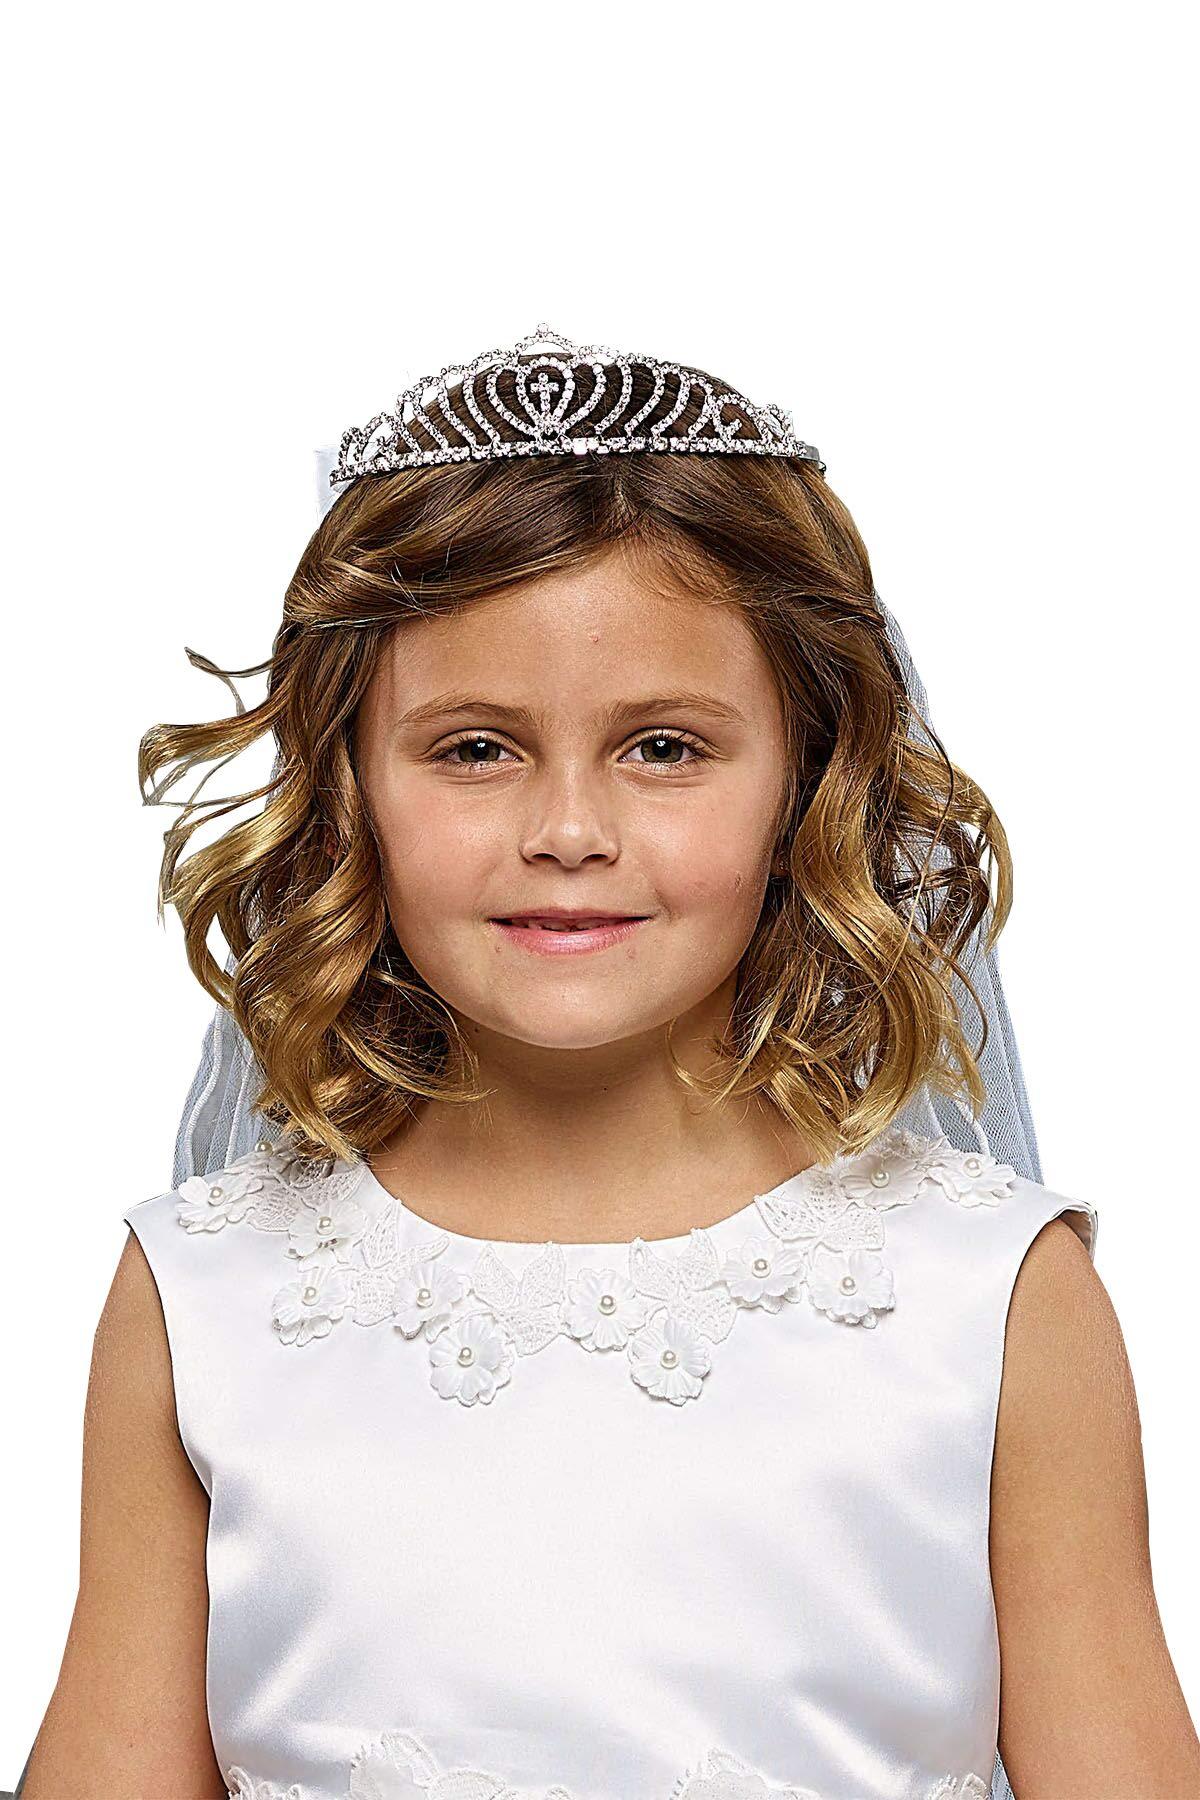 Girls' First Communion Rhinestone Crown Veils 031